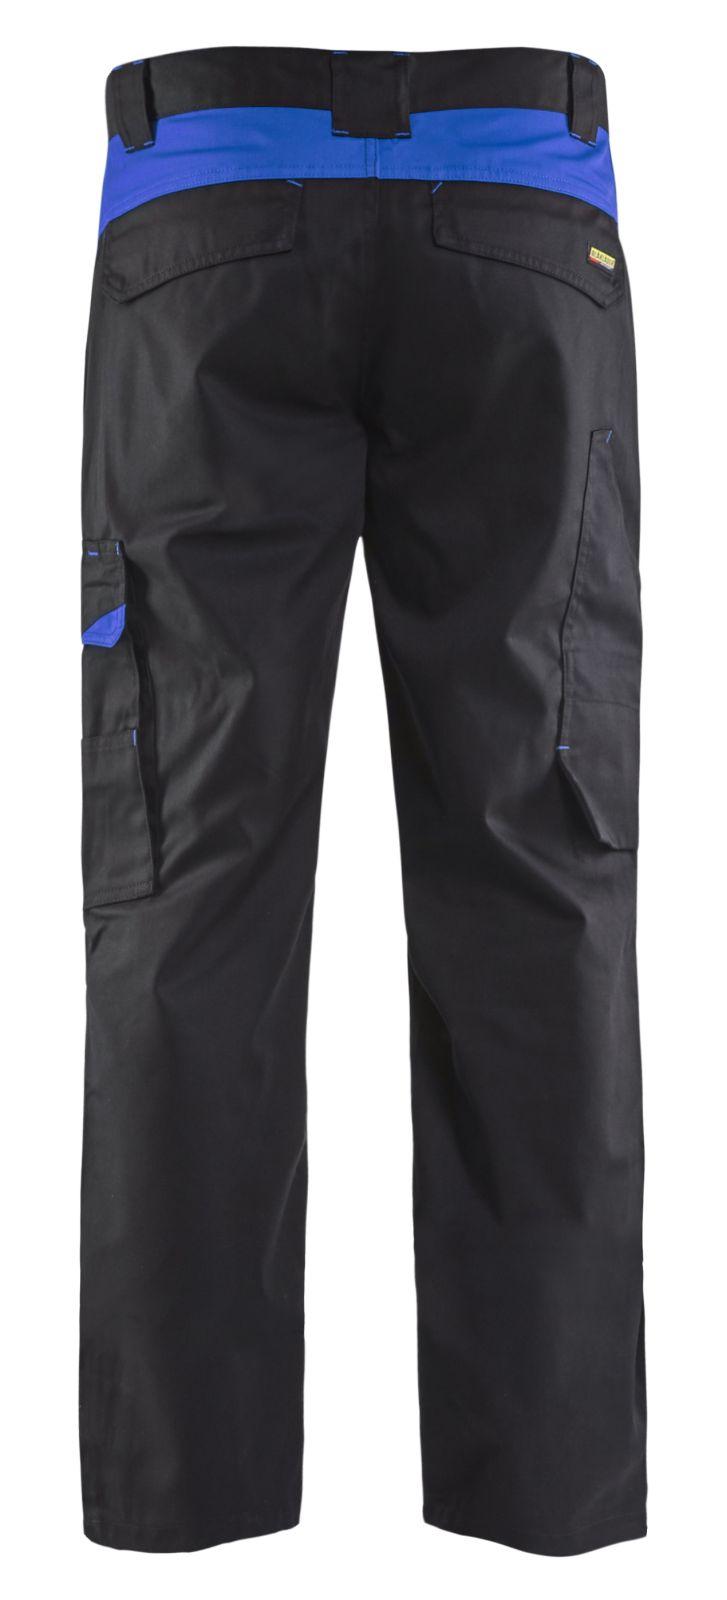 Blaklader Broeken 14041800 zwart-korenblauw(9985)